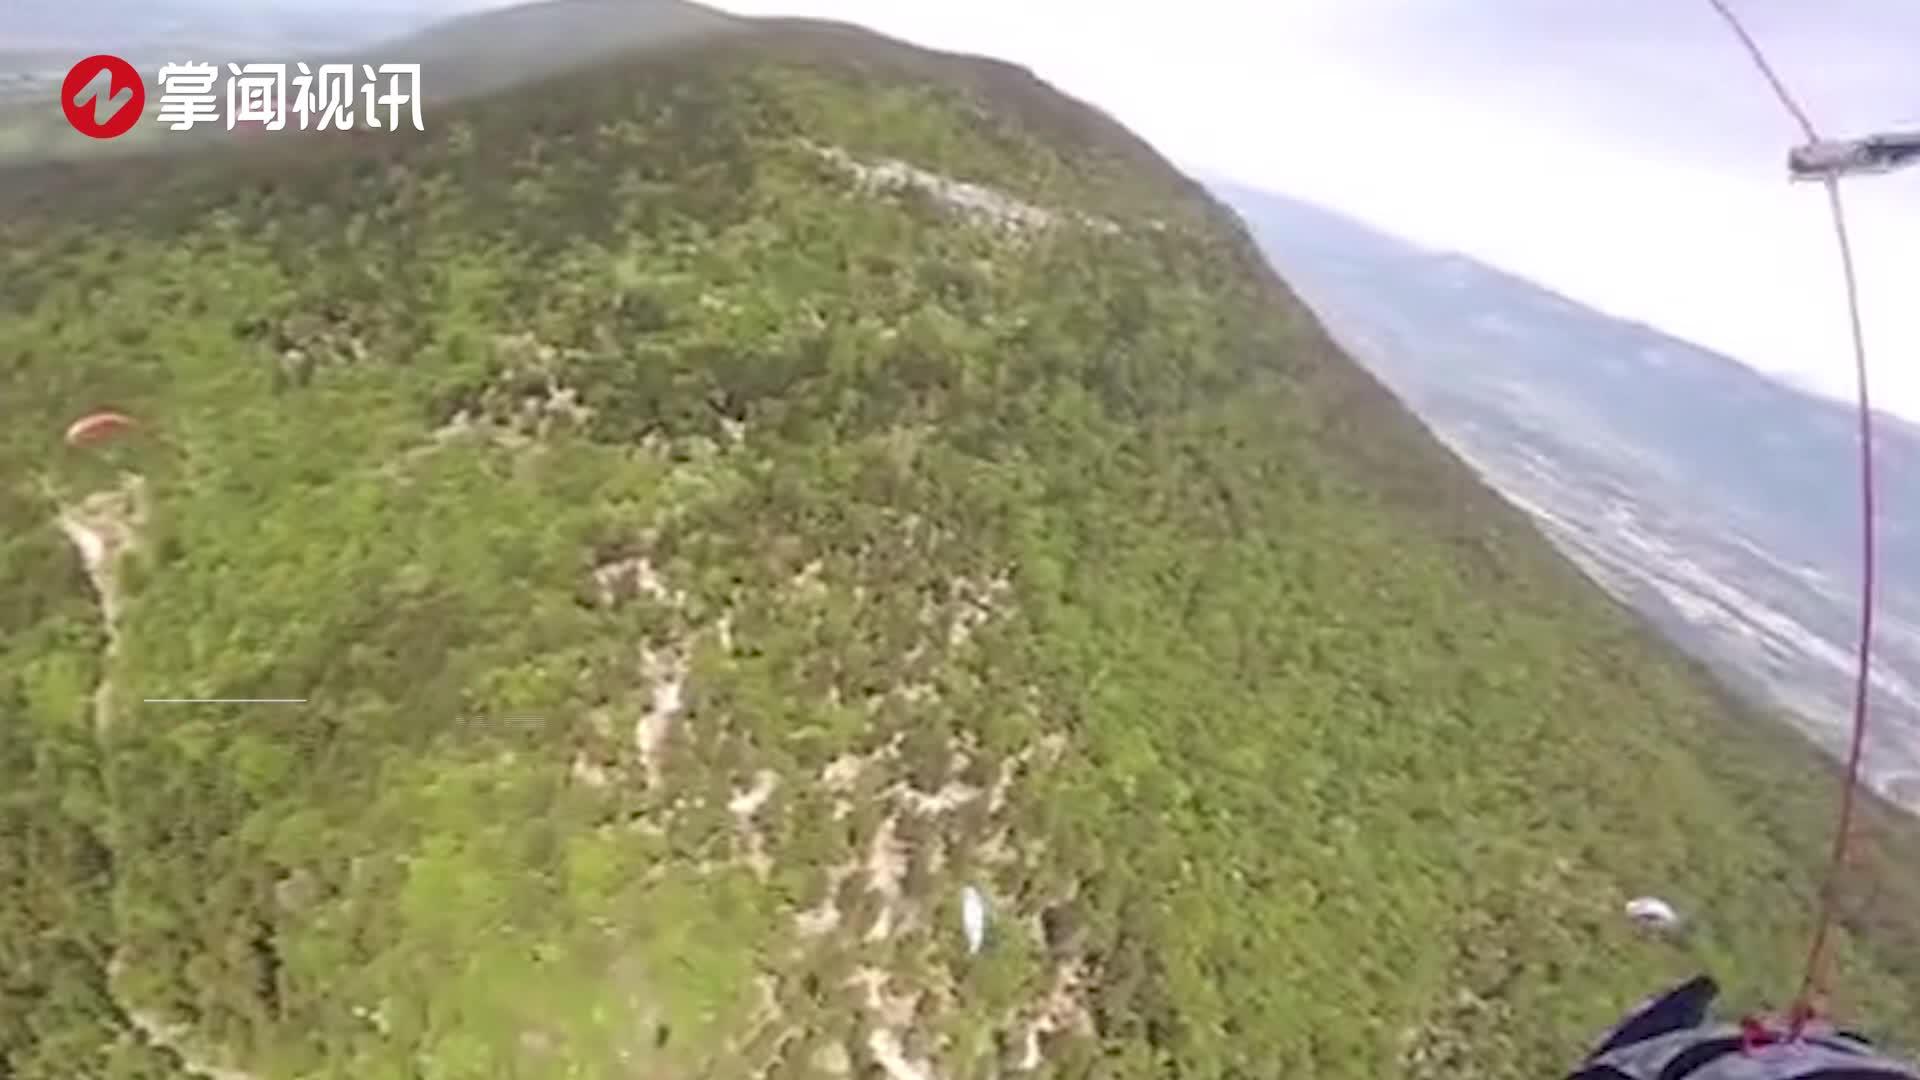 高空惊险一幕!两名滑翔伞运动员空中相撞缠绕坠落死里逃生